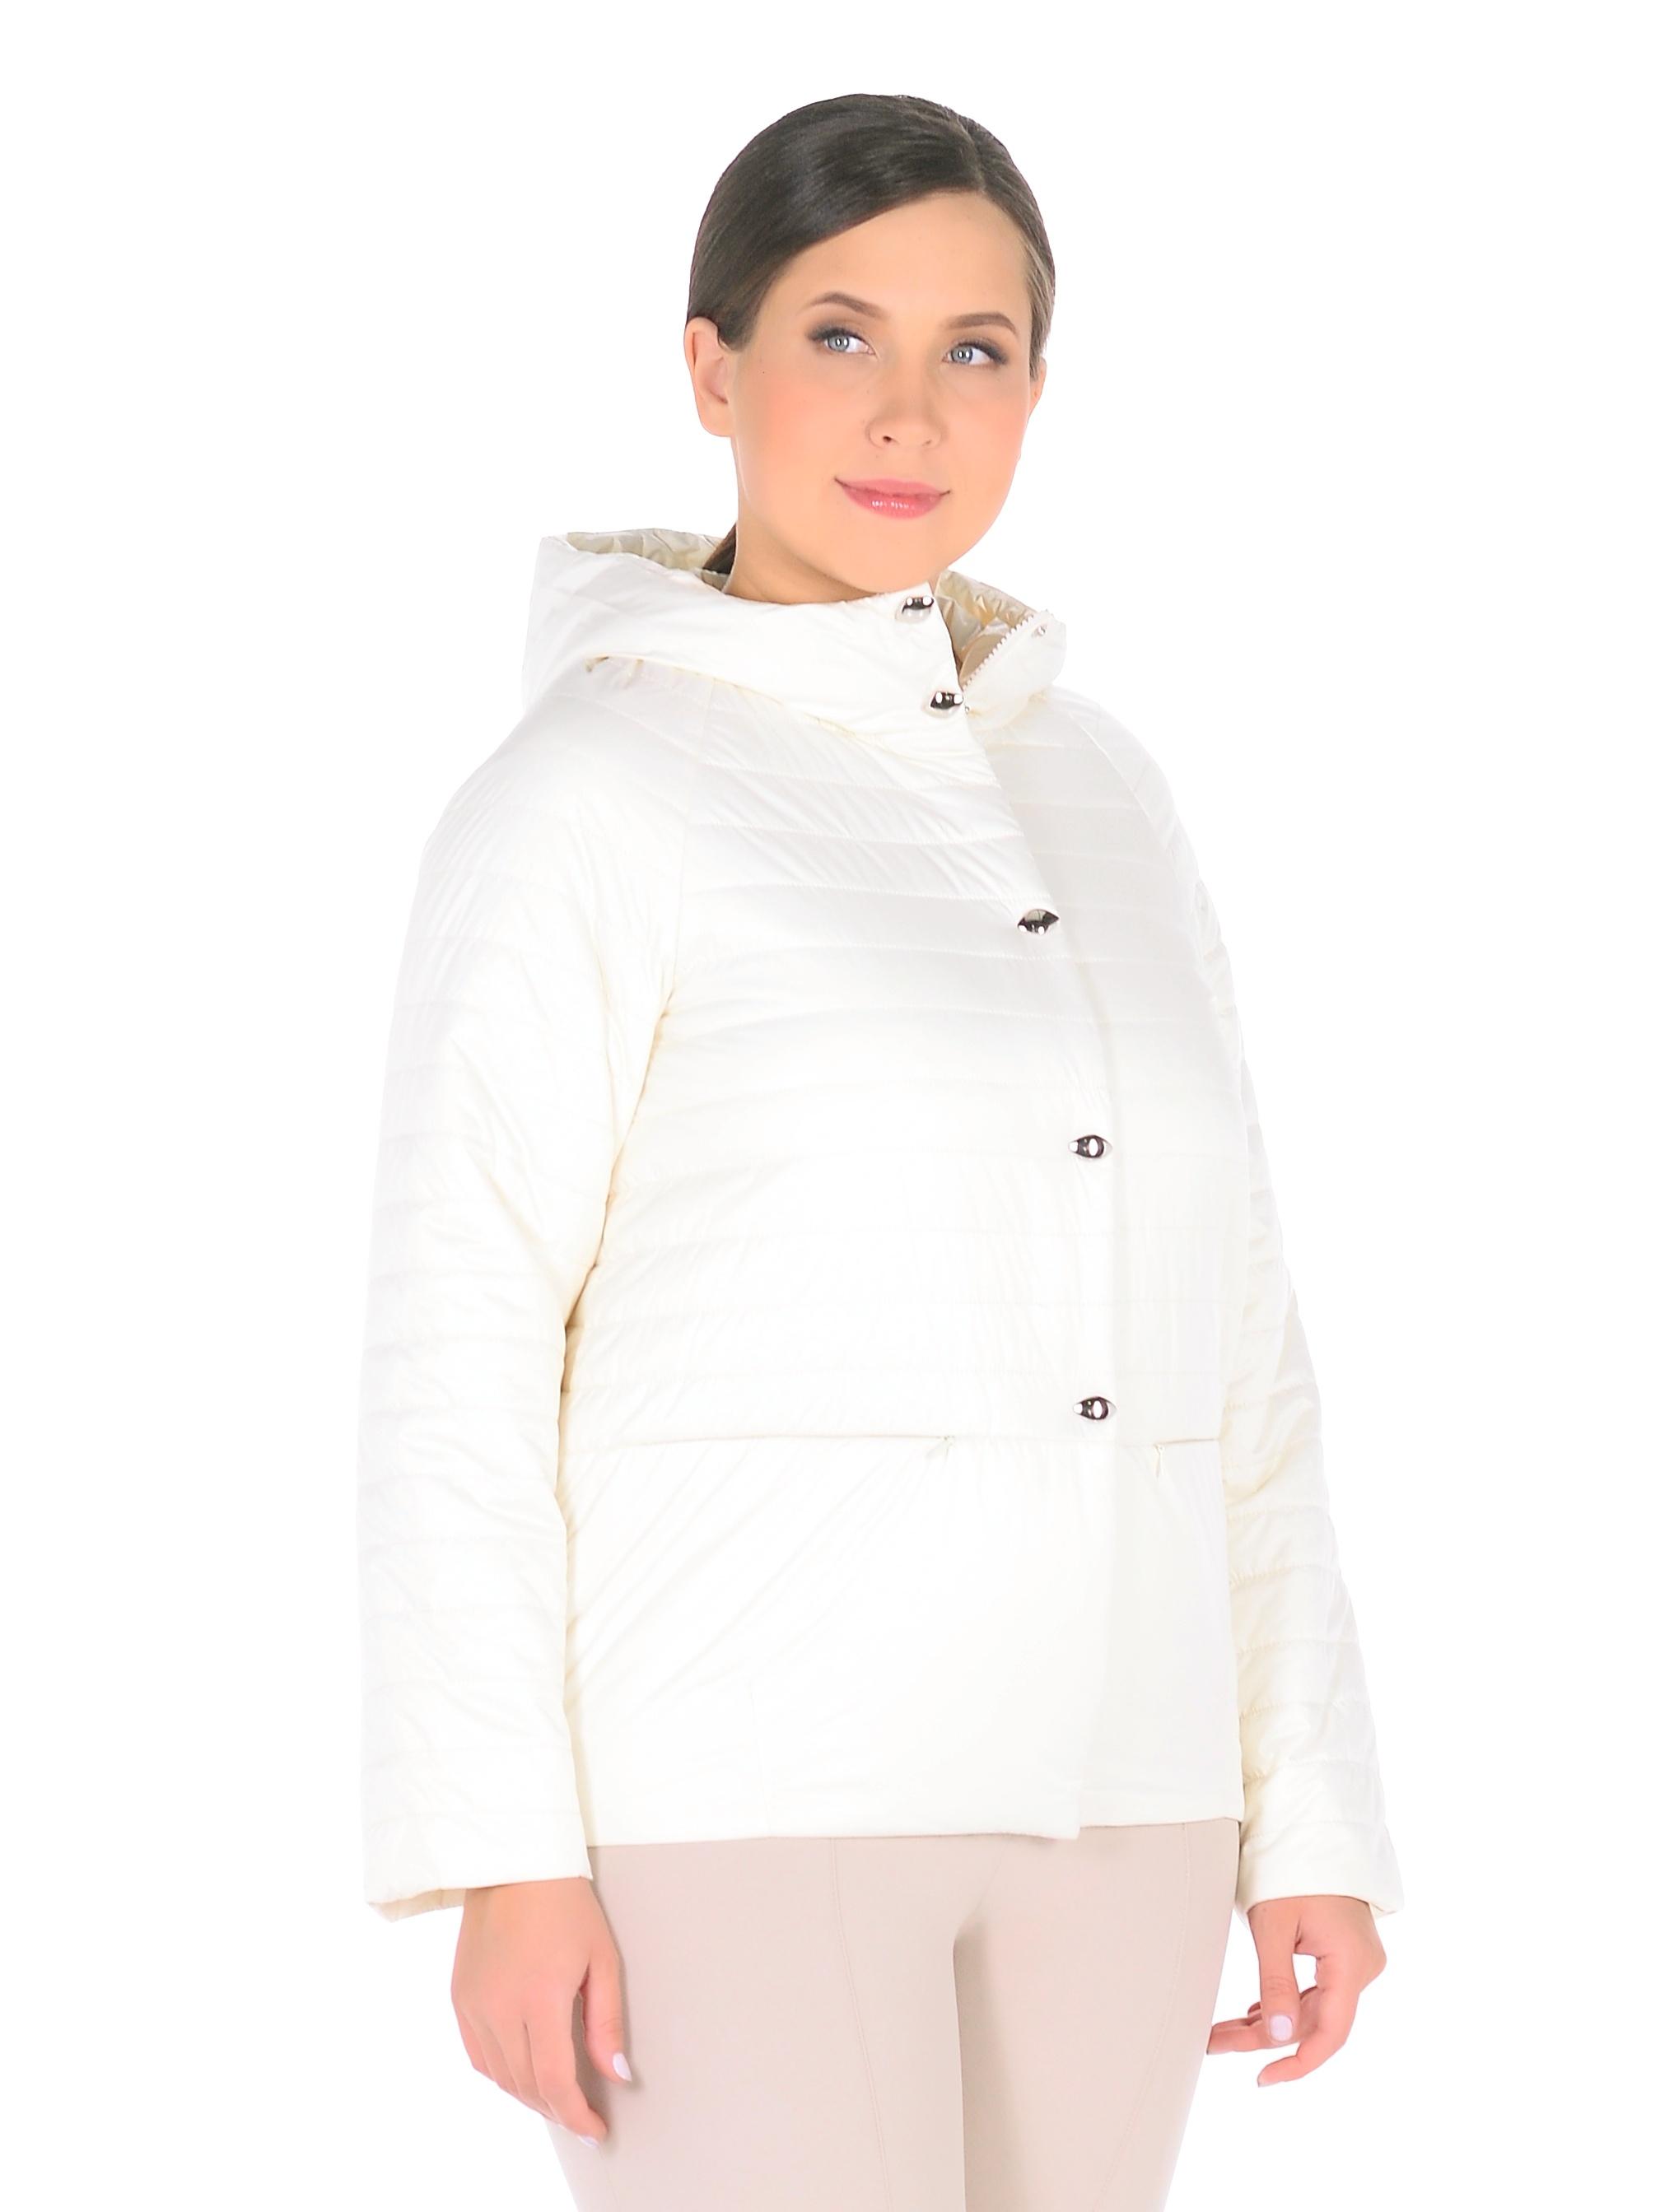 Куртка женская из текстиля с капюшоном, без отделки<br><br>Воротник: капюшон<br>Длина см: Короткая (51-74 )<br>Материал: Текстиль<br>Цвет: молочный<br>Вид застежки: потайная<br>Застежка: на молнии<br>Пол: Женский<br>Размер RU: 52